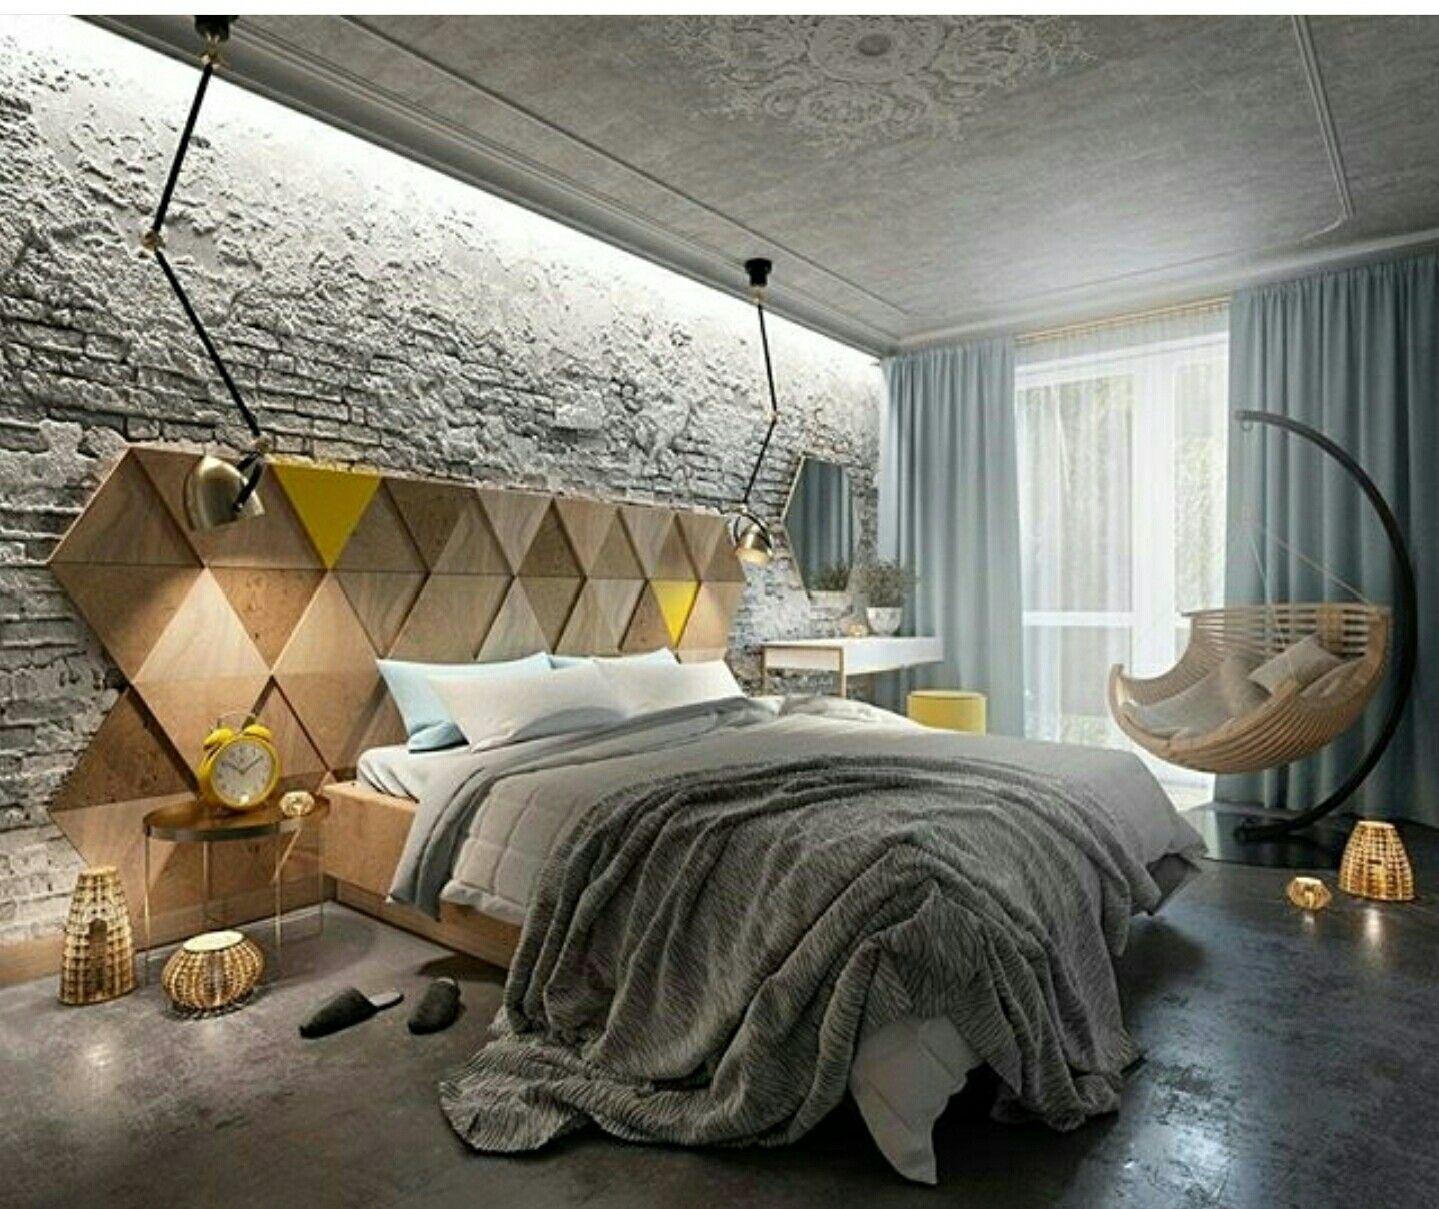 Zuhause Einrichten: Pin By Gayatri Babbar On Bedrooms